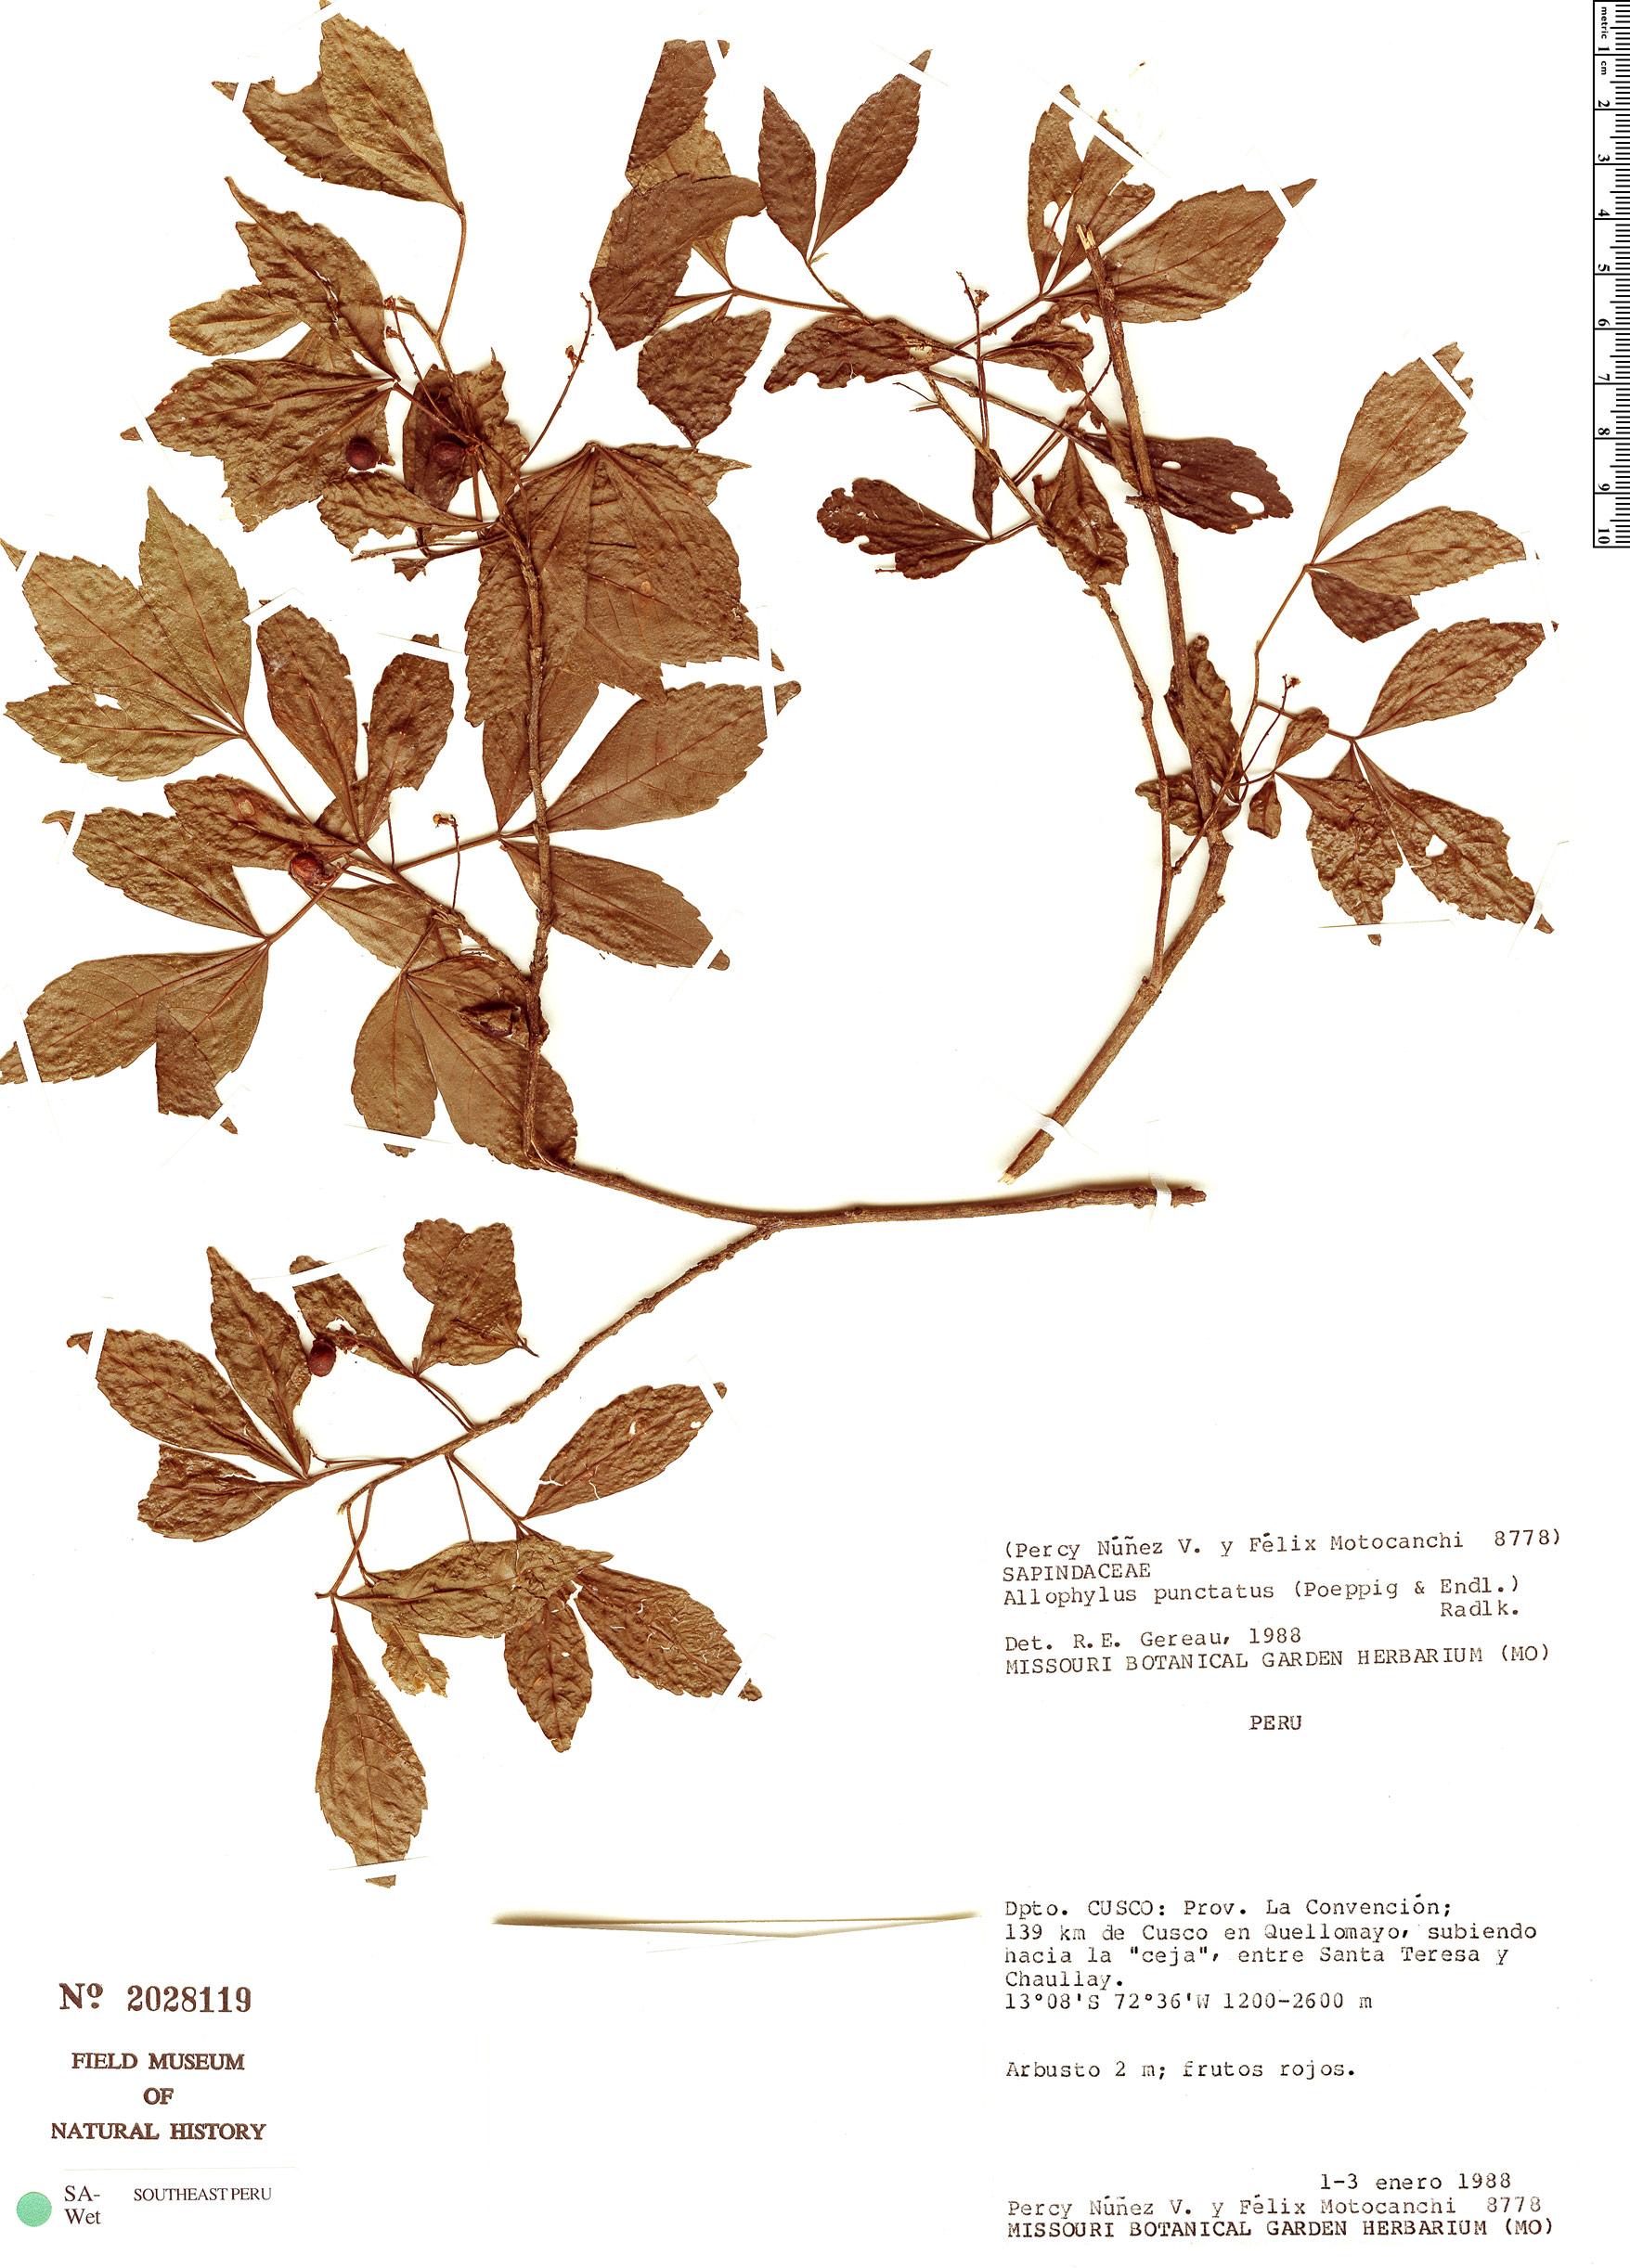 Specimen: Allophylus punctatus